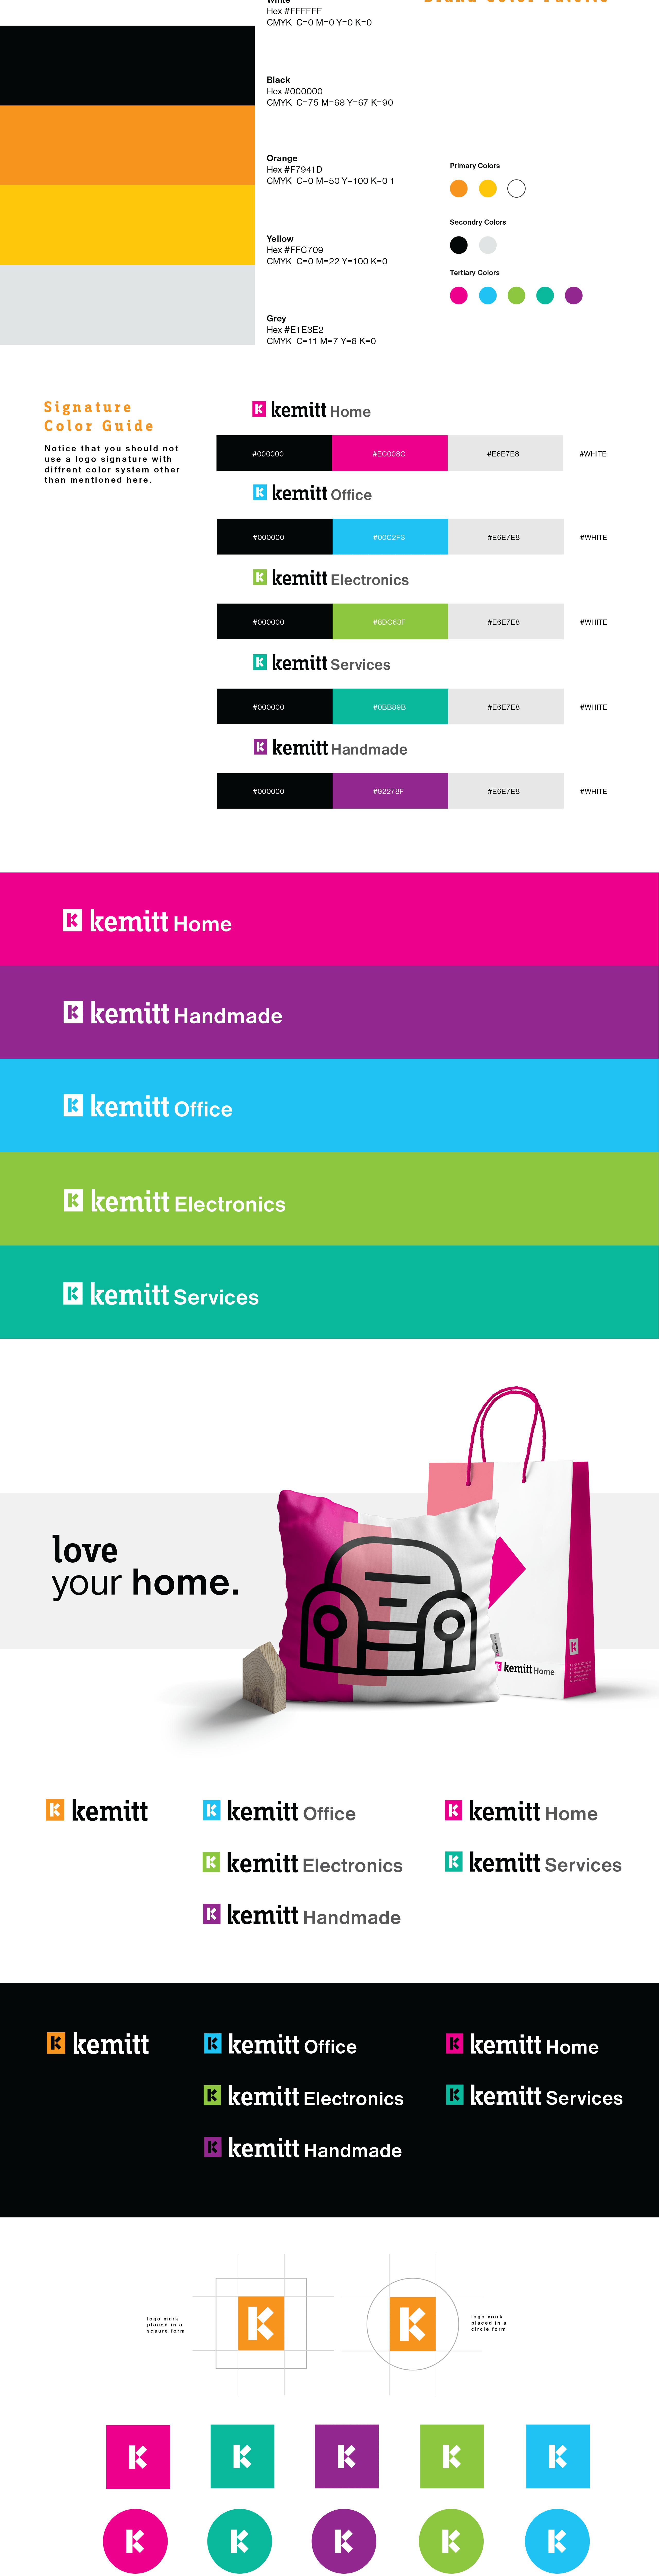 الألوان المستخدمة في كيميت